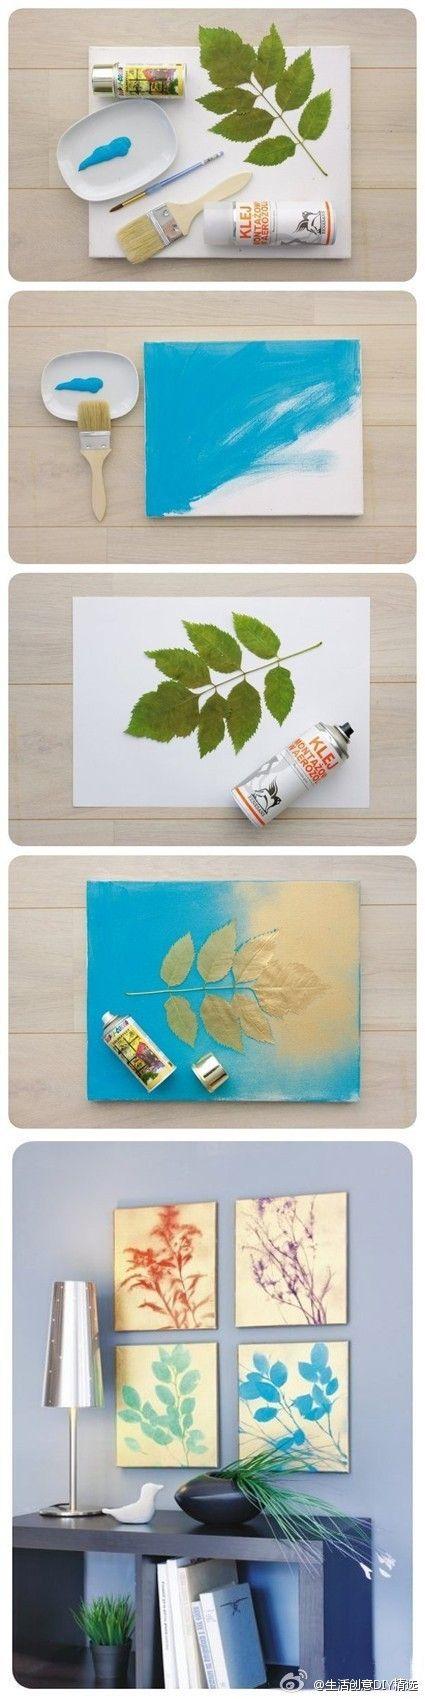 Cómo hacer un cuadro con siluetas de ramas y hojas  #niños #diadelatierra #manualidades